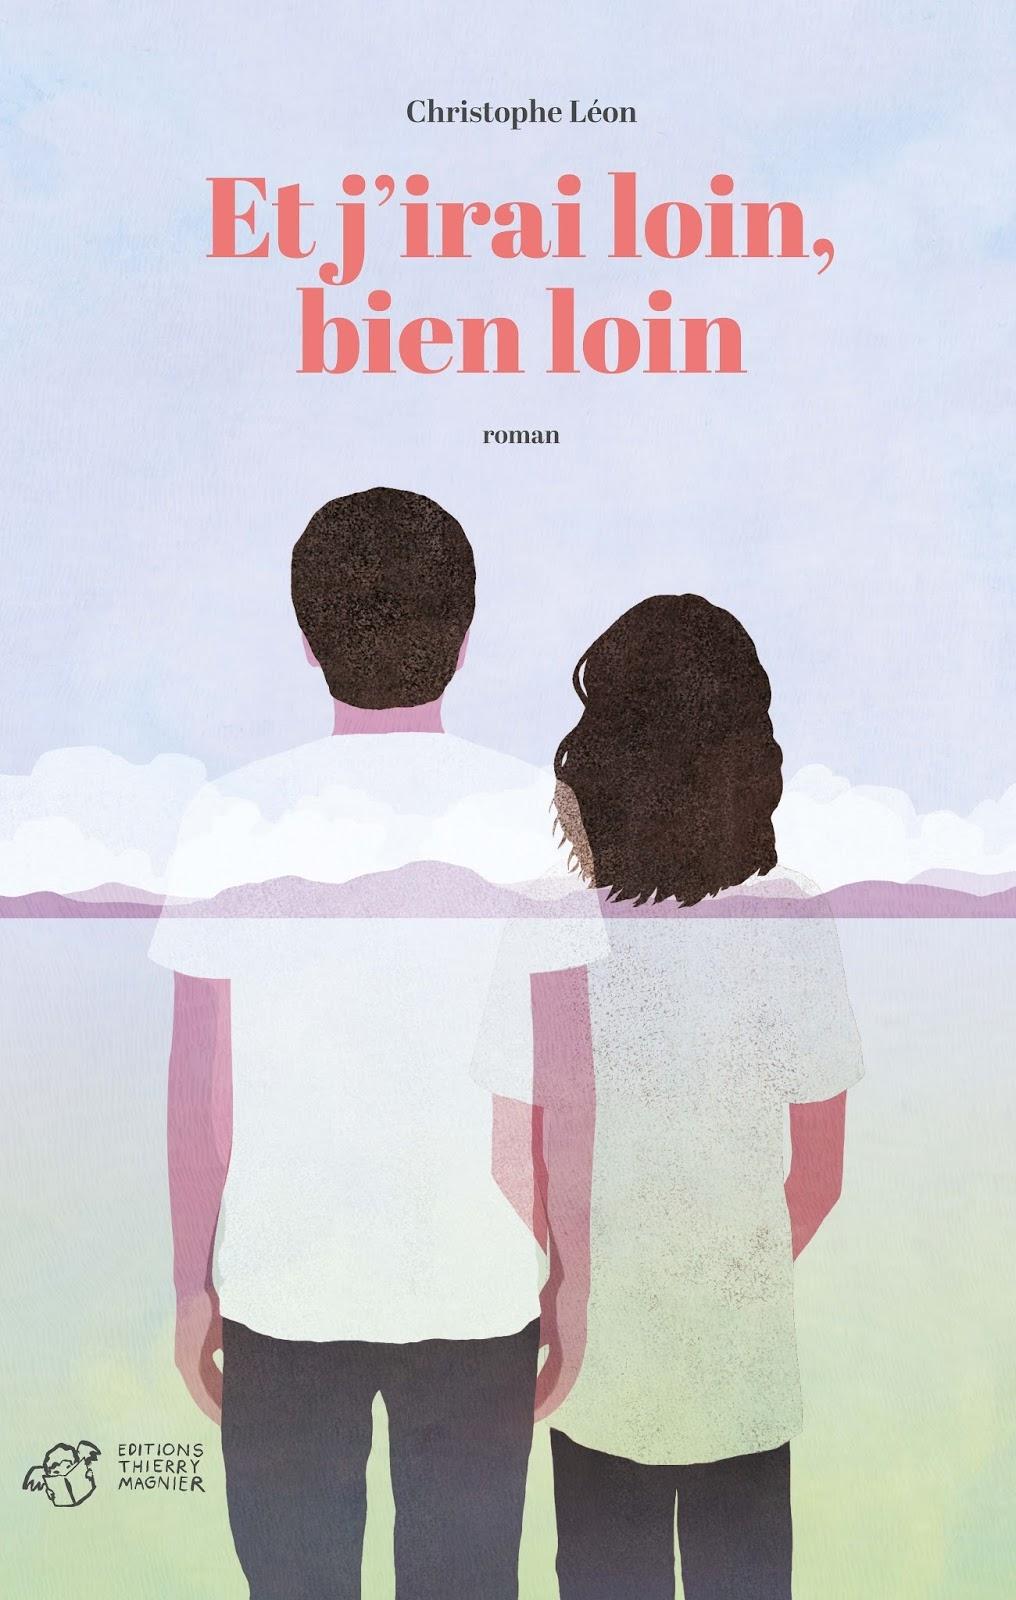 yasmine gateau, christophe léon, éditions thierry magnier